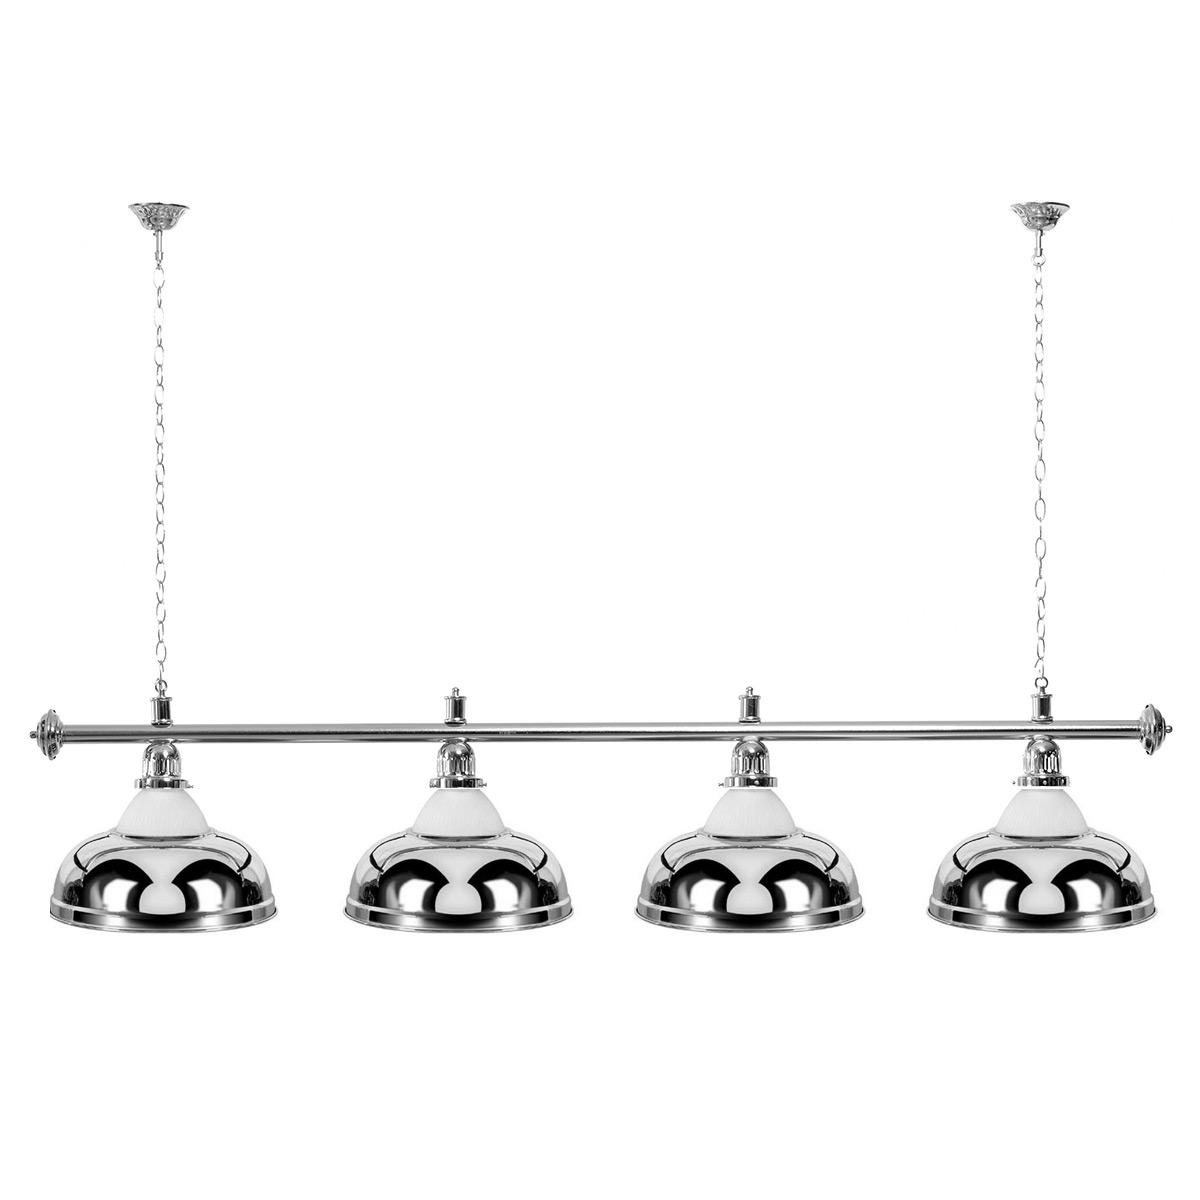 Billard Lampe 4 Schirme silber mit Glas / silberfarbene Halterung